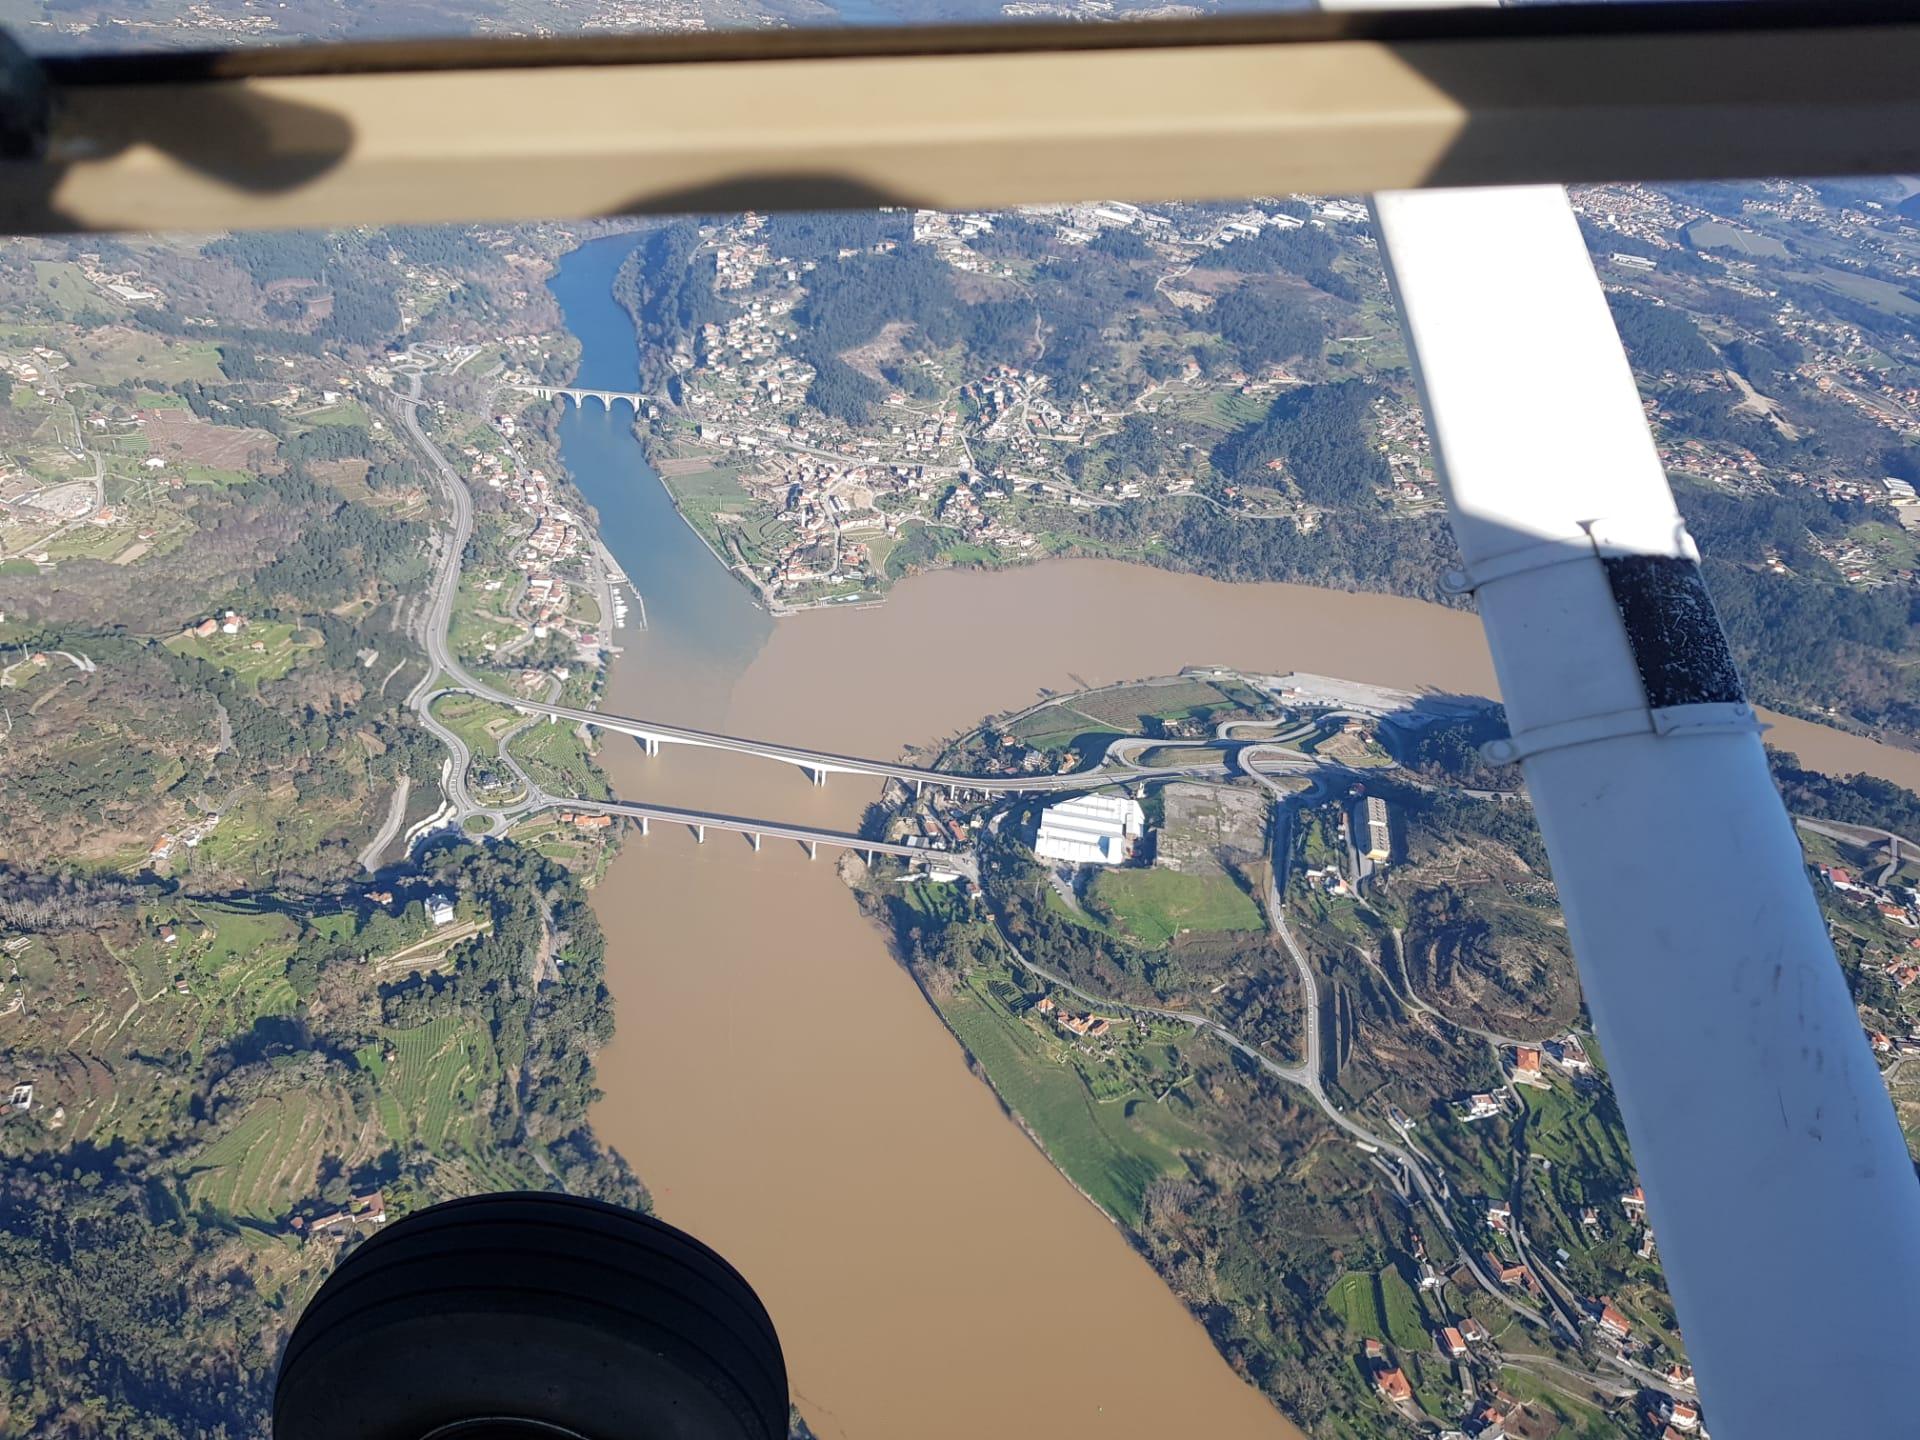 LM-Arquivo-Douro-Paiva-Foto-Aerea-ETA-Lever-098